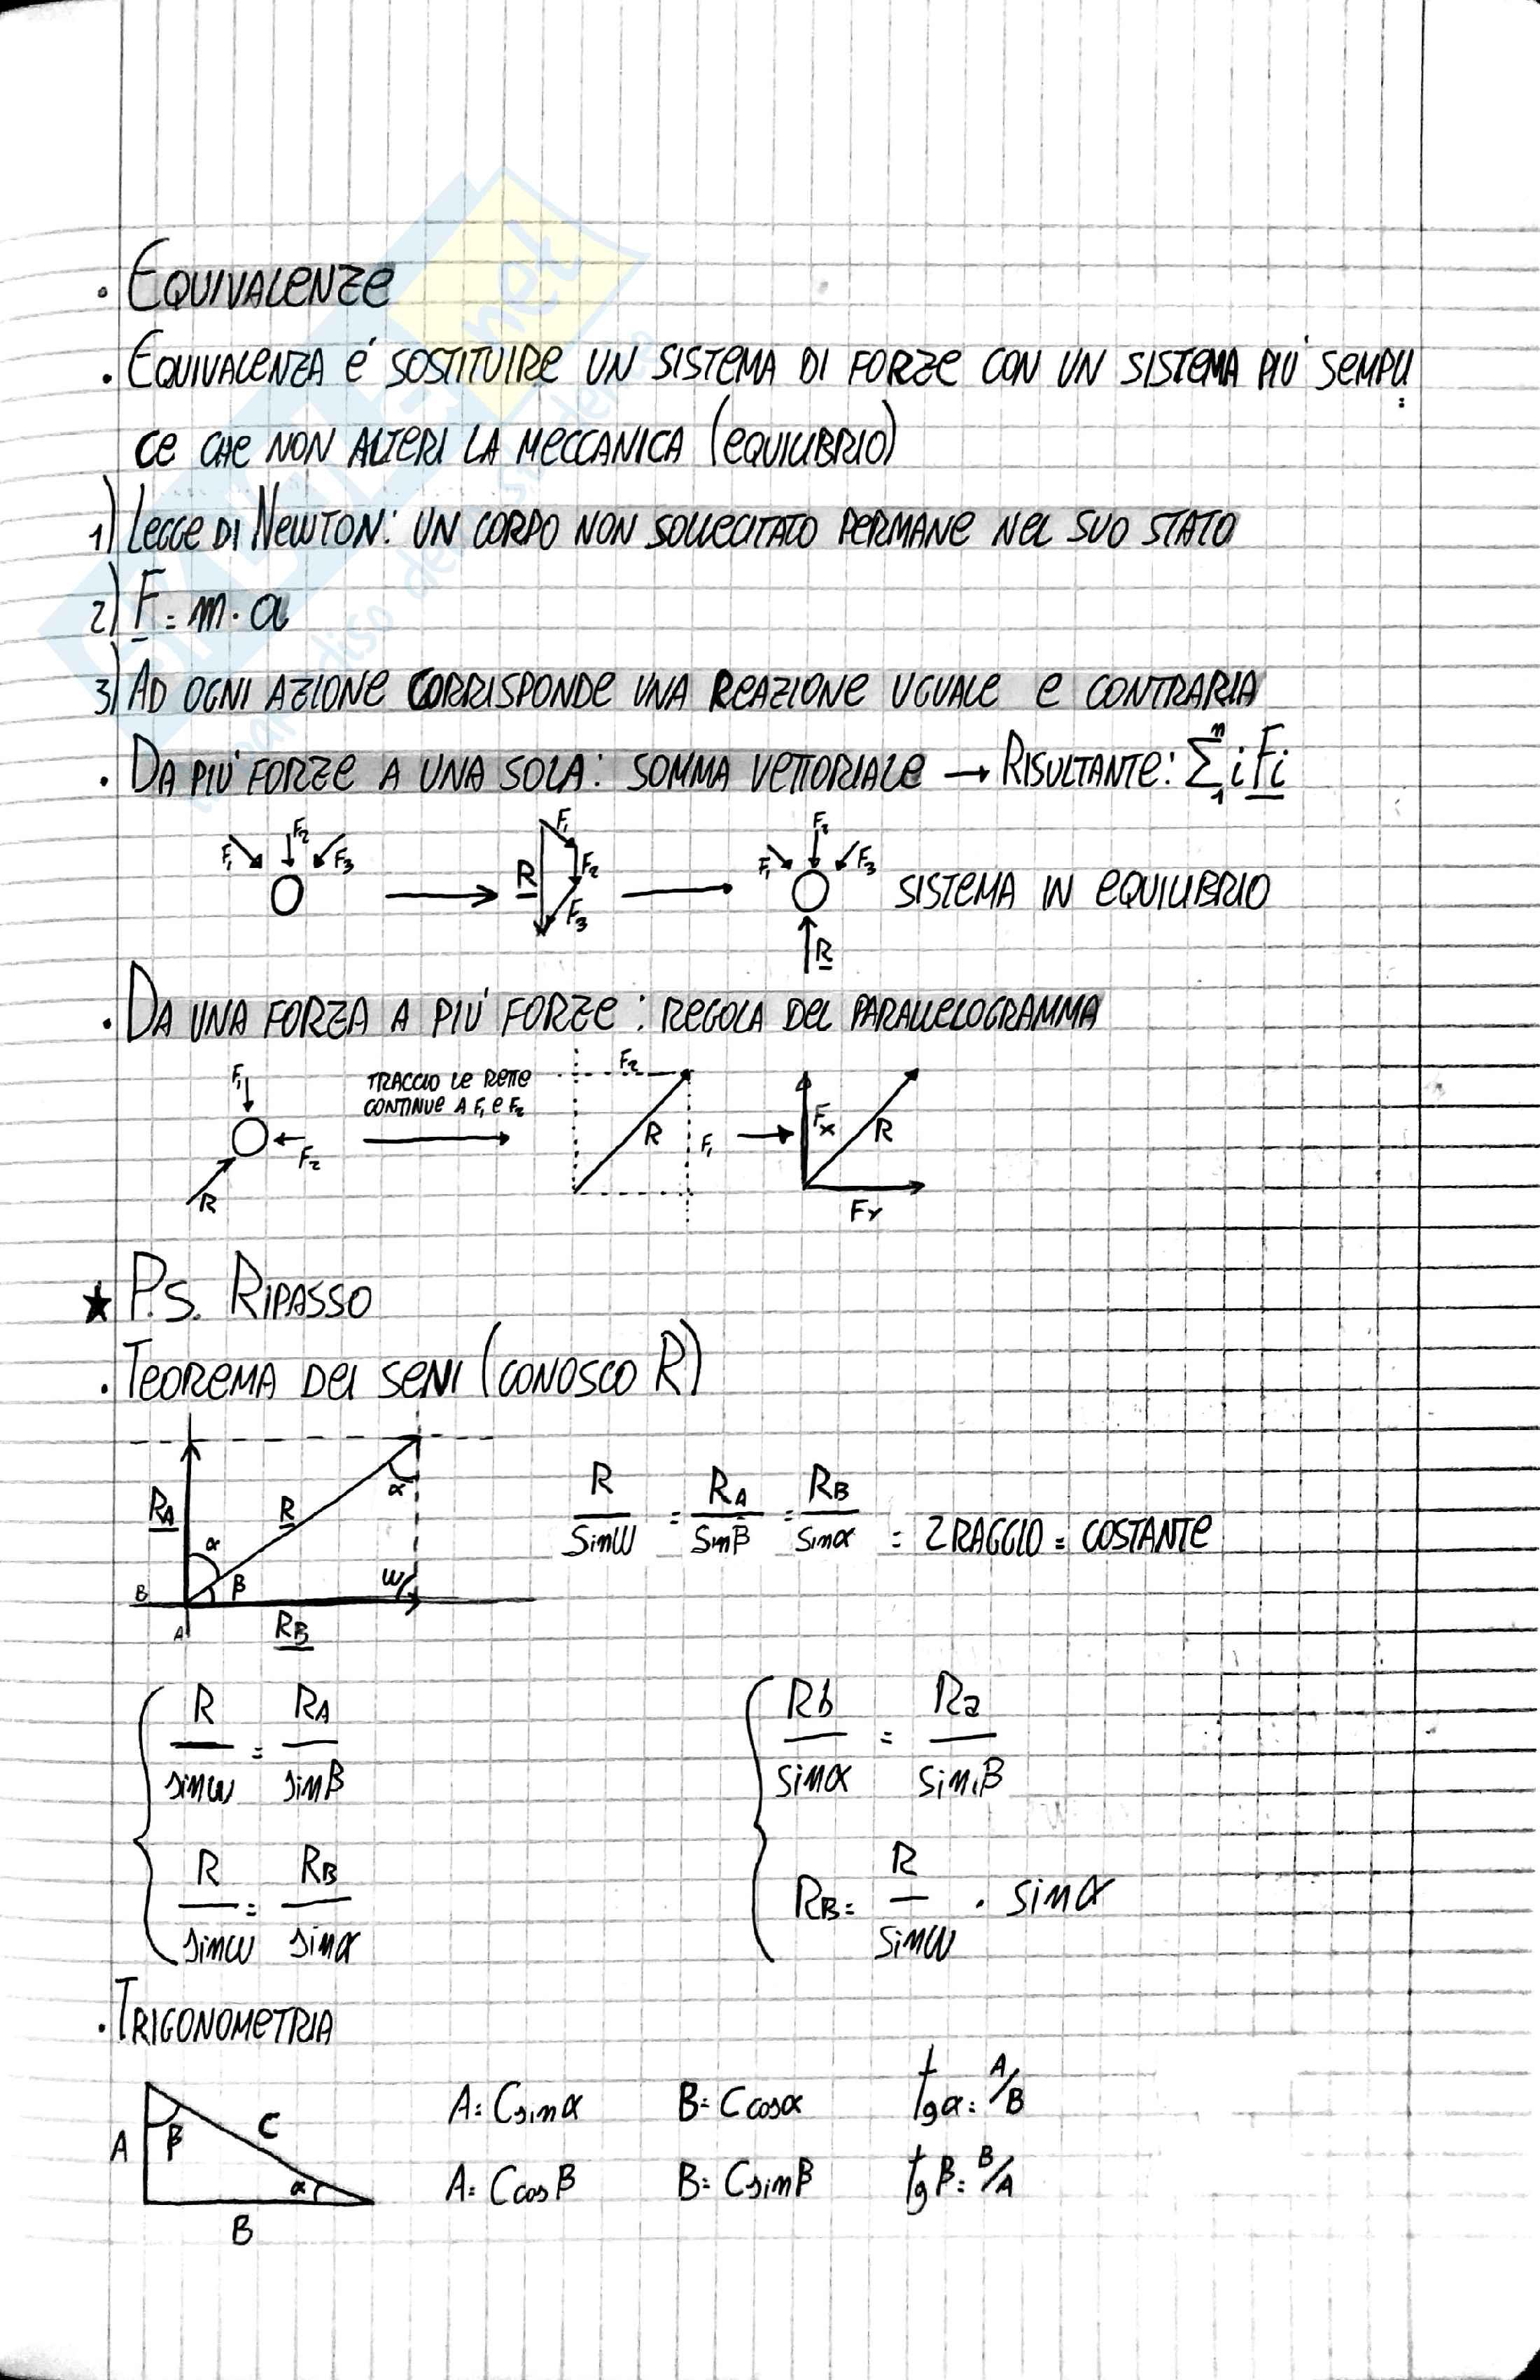 Statica - programma completo Pag. 2